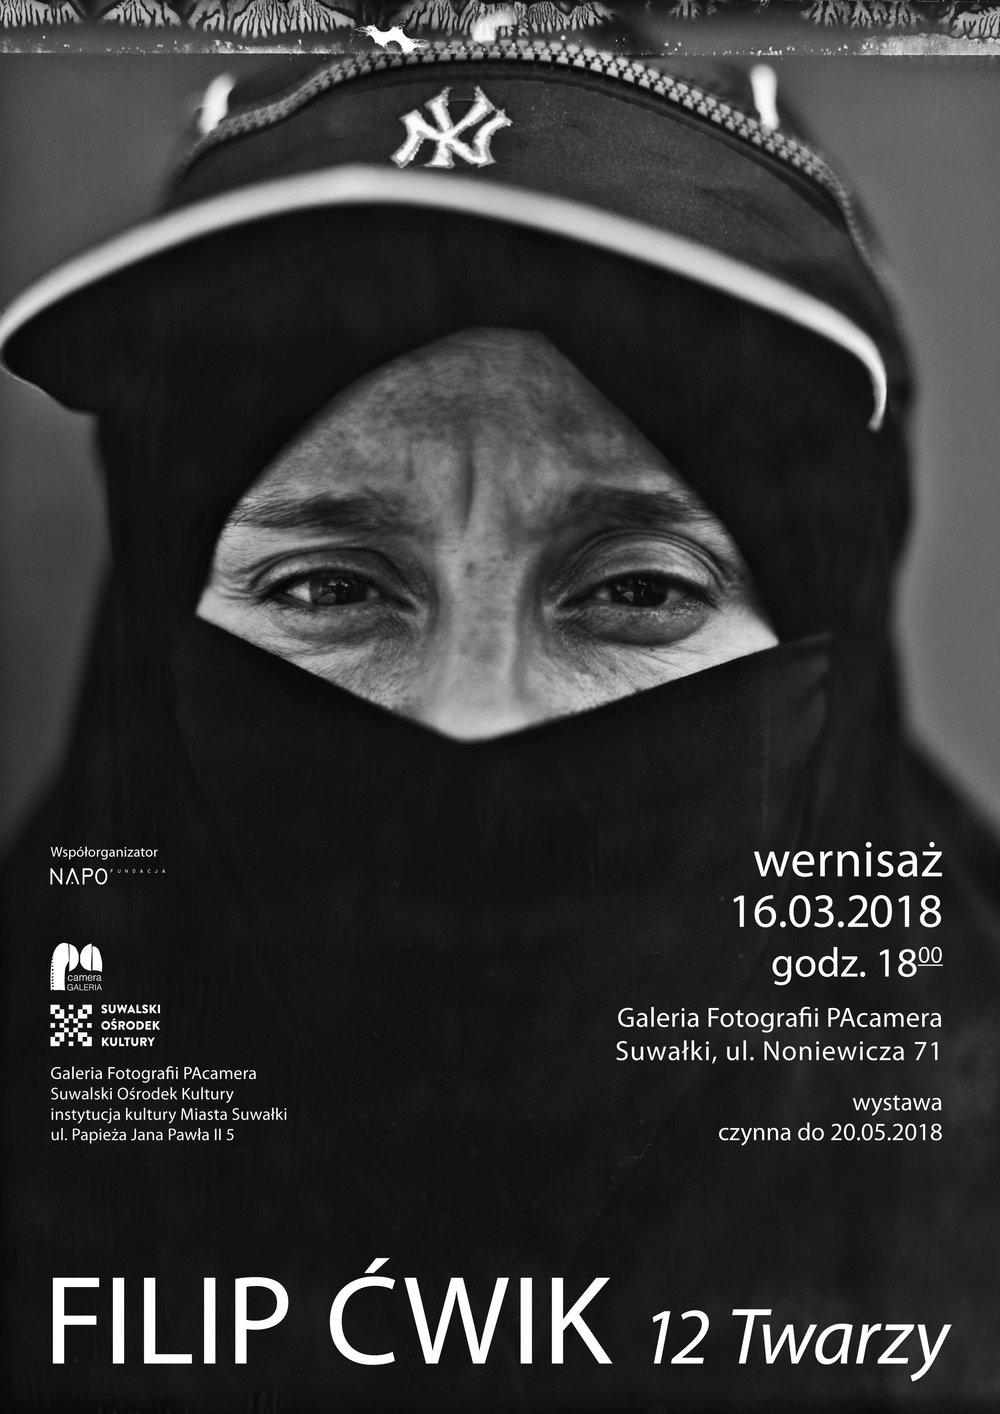 exhibition in Gallery PAcamera, Noniewicza str. 71, Suwałki | Poland - 12 faces  - 16.03.2018-20.05.2018